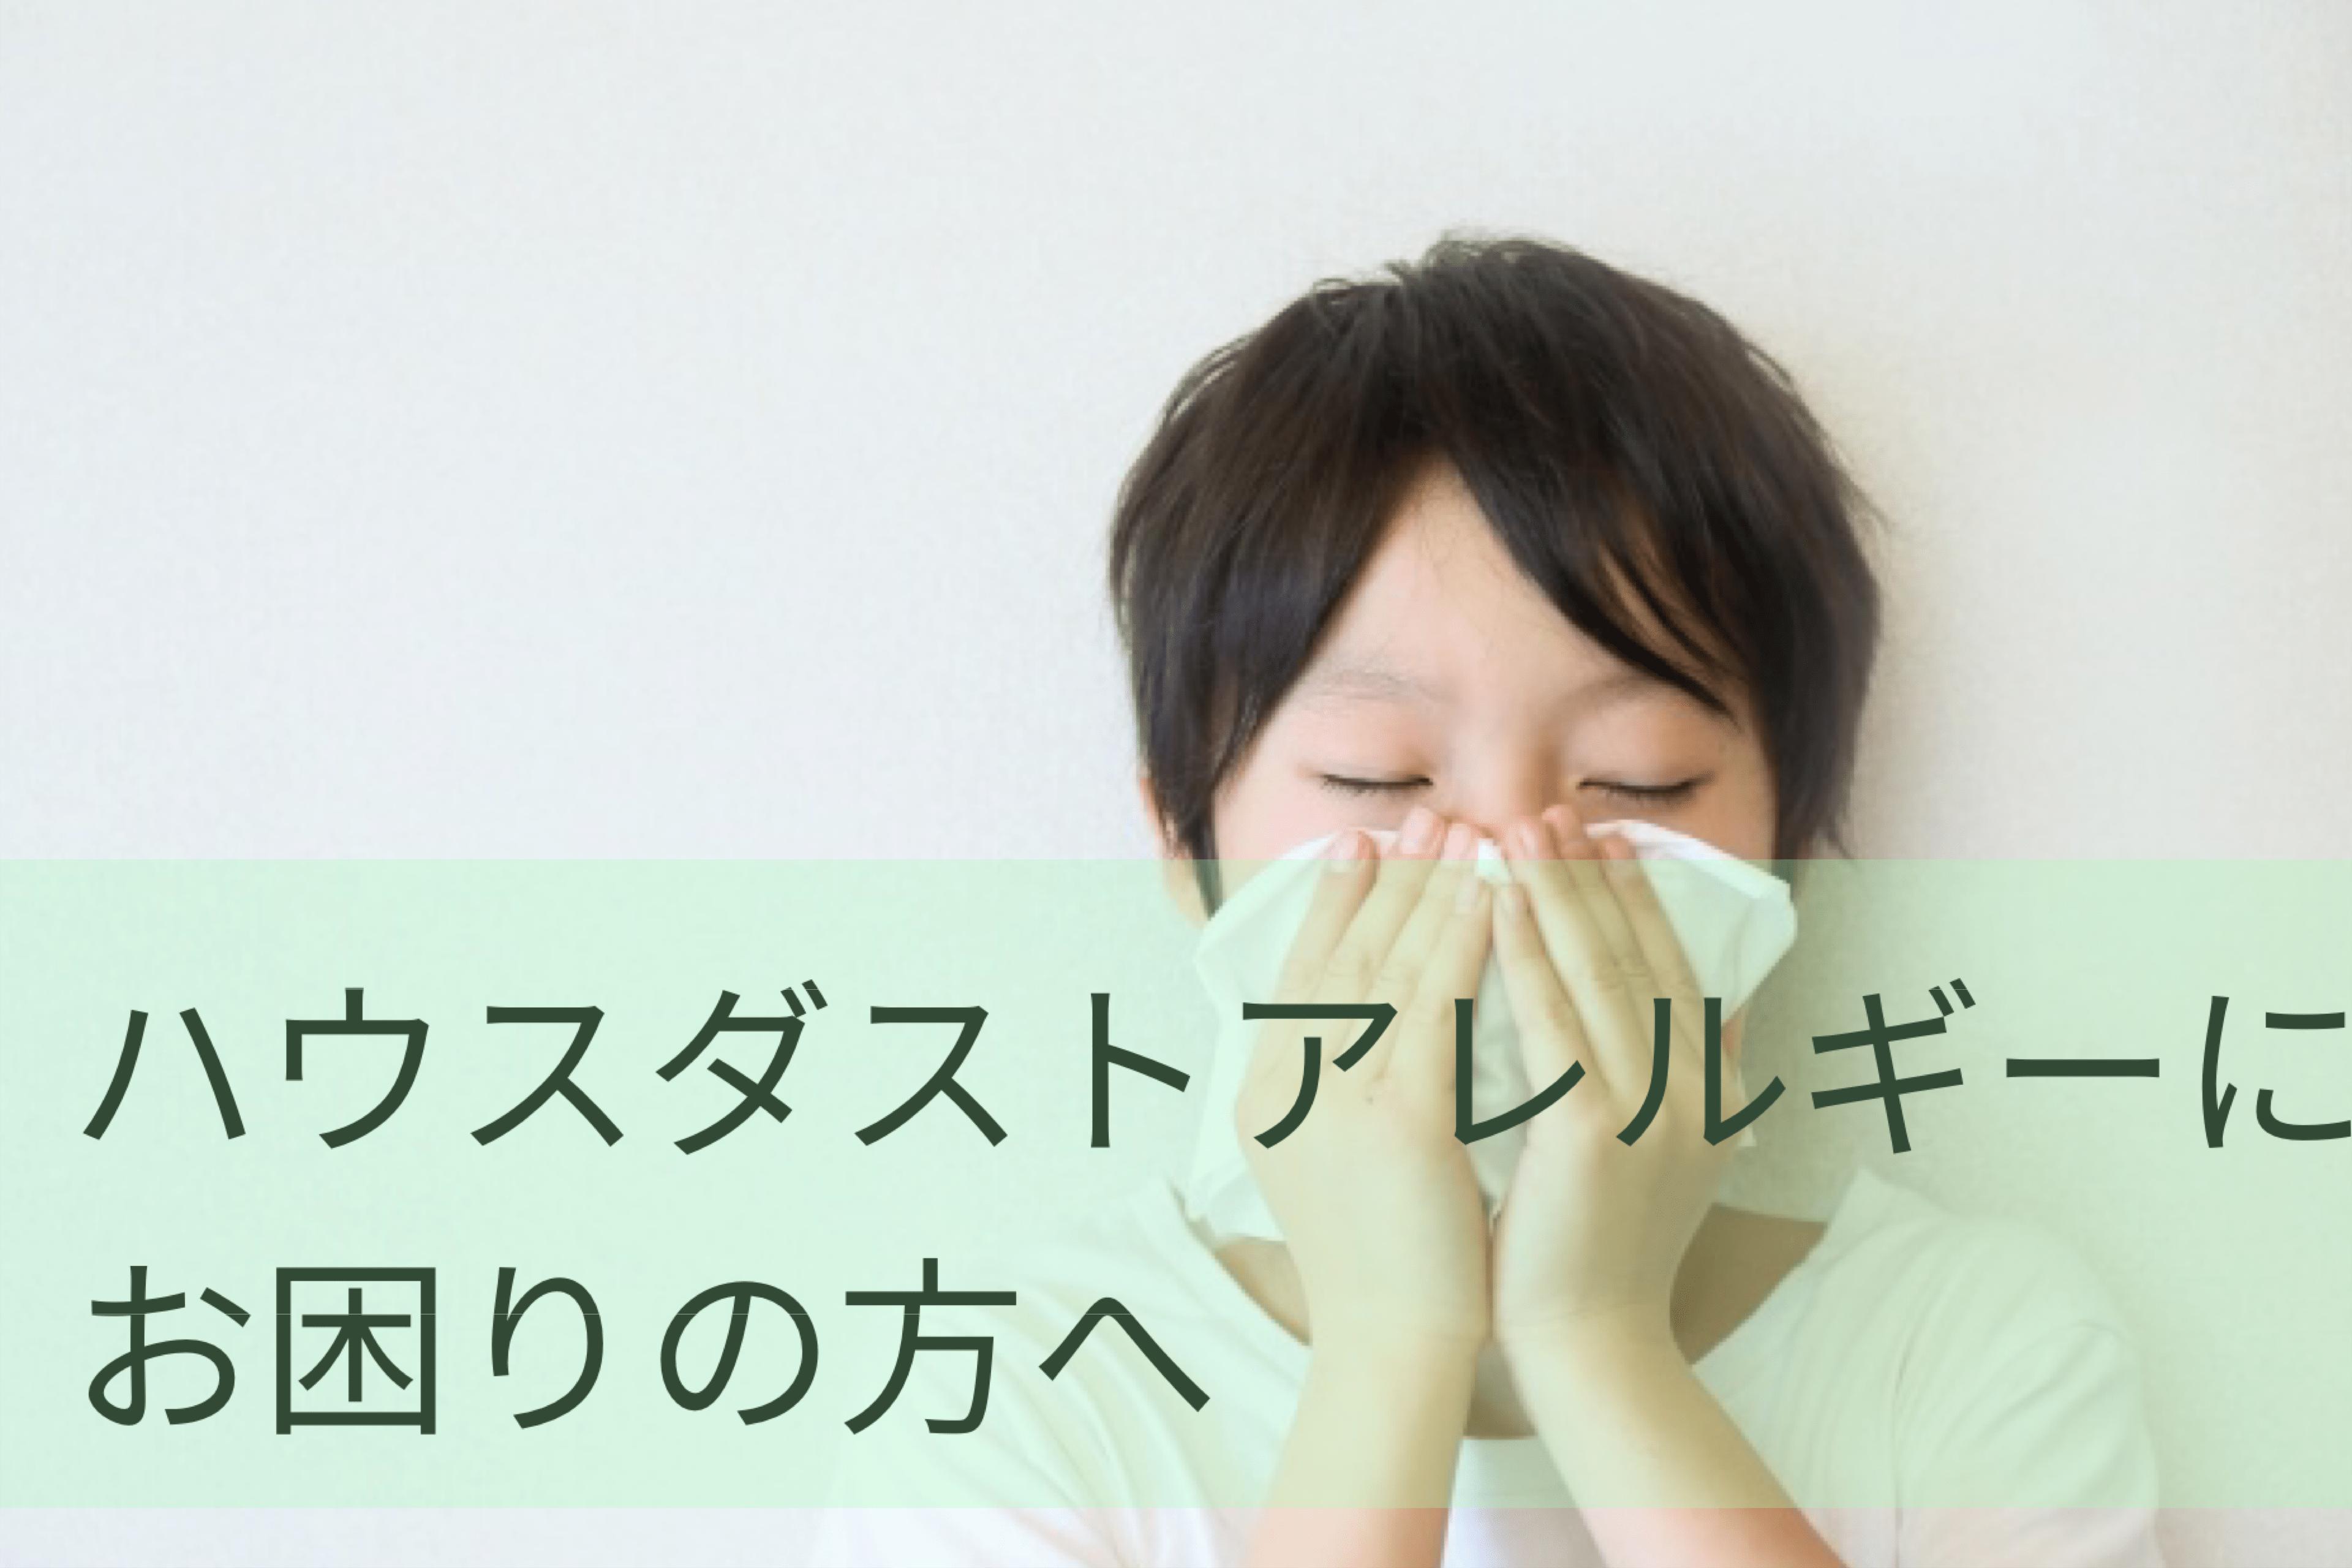 ハウスダスト(ダニ)アレルギーは重症化しやすいので注意!症状と予防策について